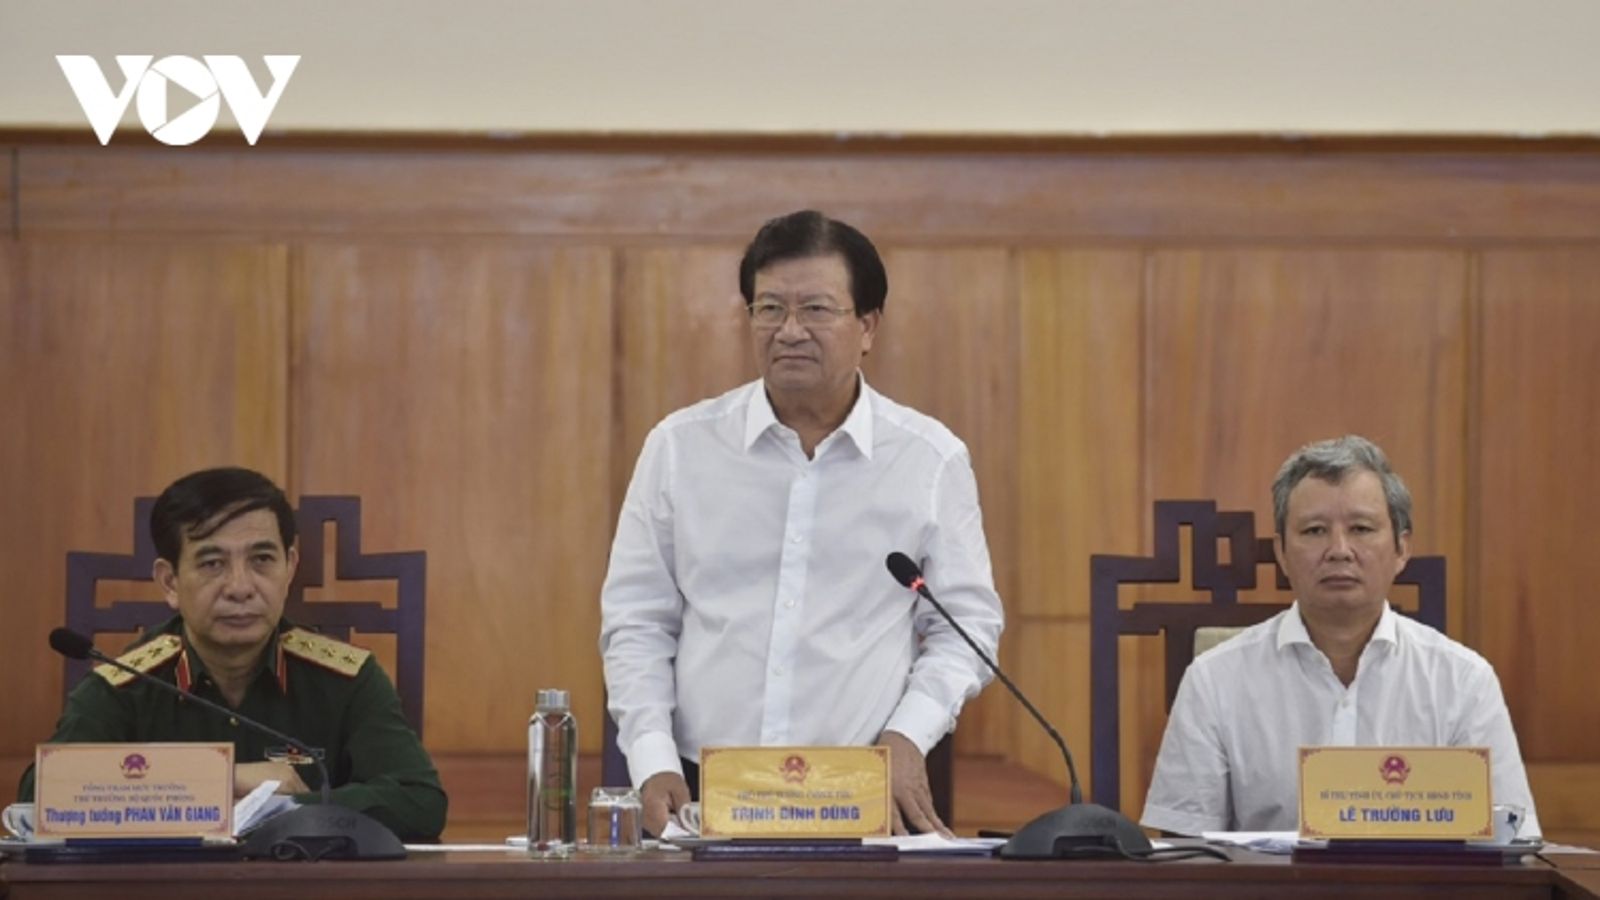 Phó Thủ tướng Trịnh Đình Dũng chỉ đạo về phòng chống lụt bão và cứu nạn ở Rào Trăng